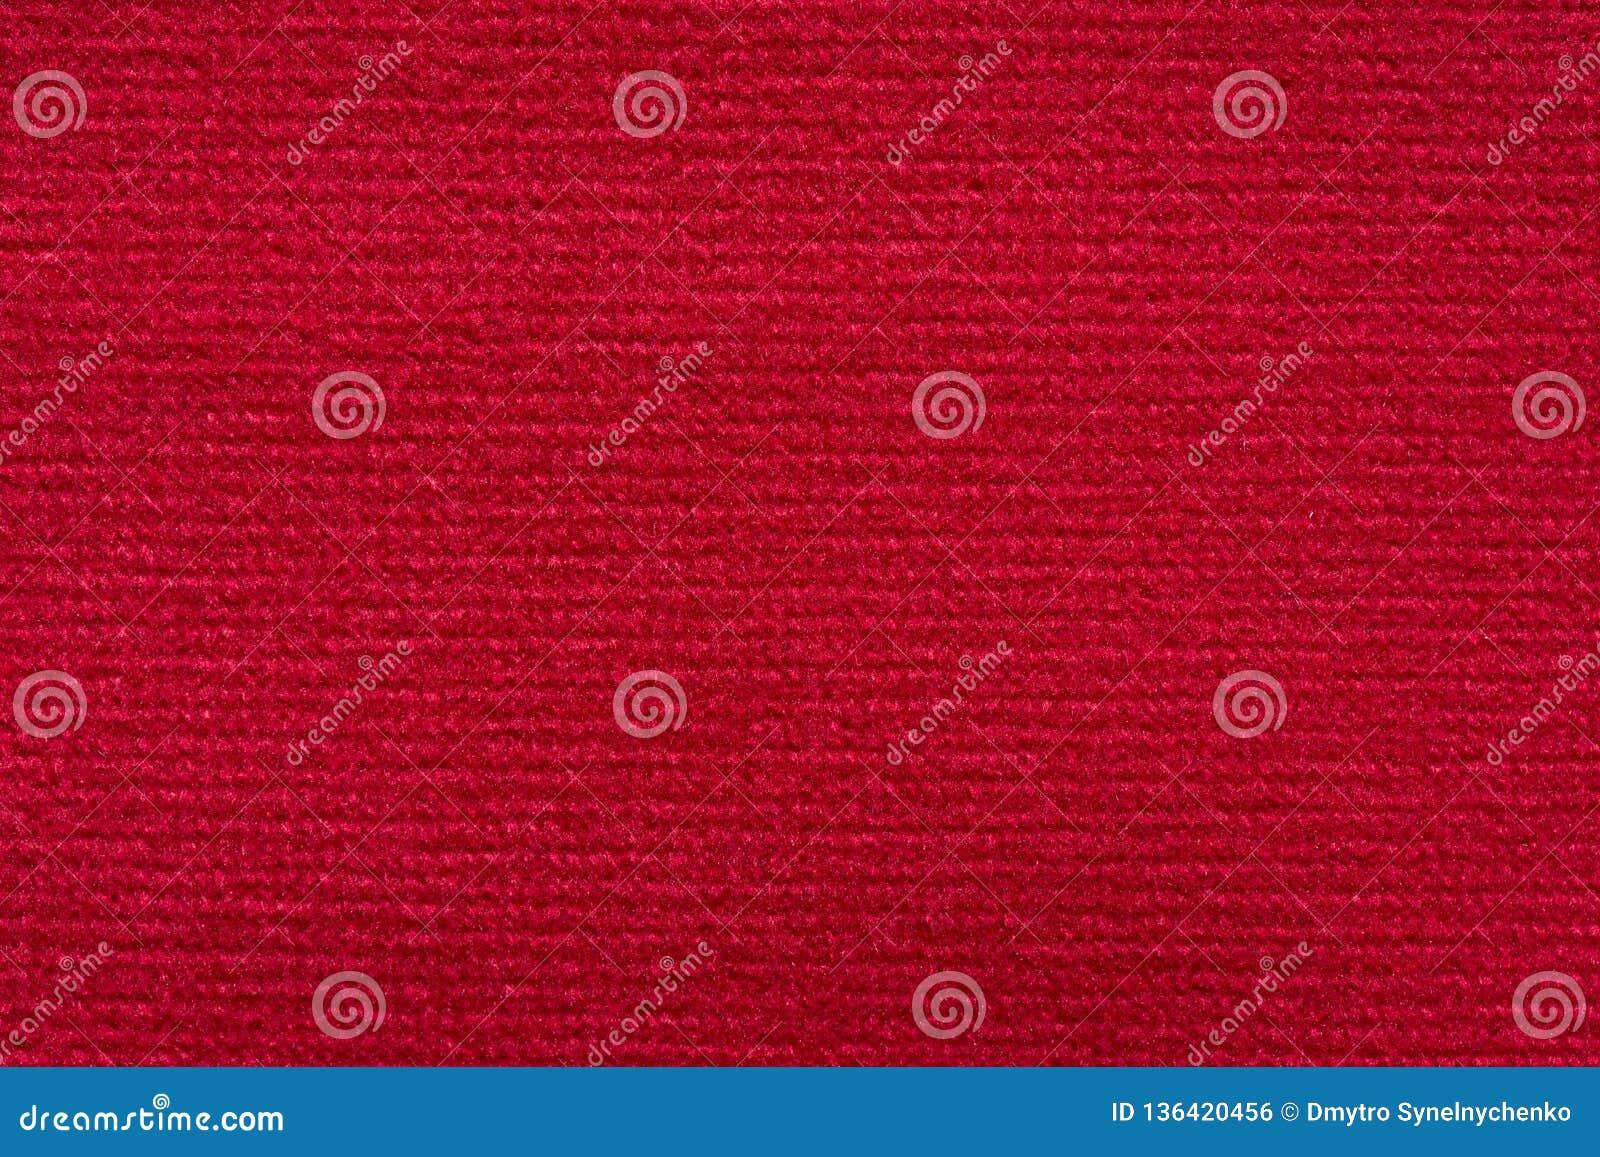 Fondo rojo de la materia textil del contraste fantástico en macro